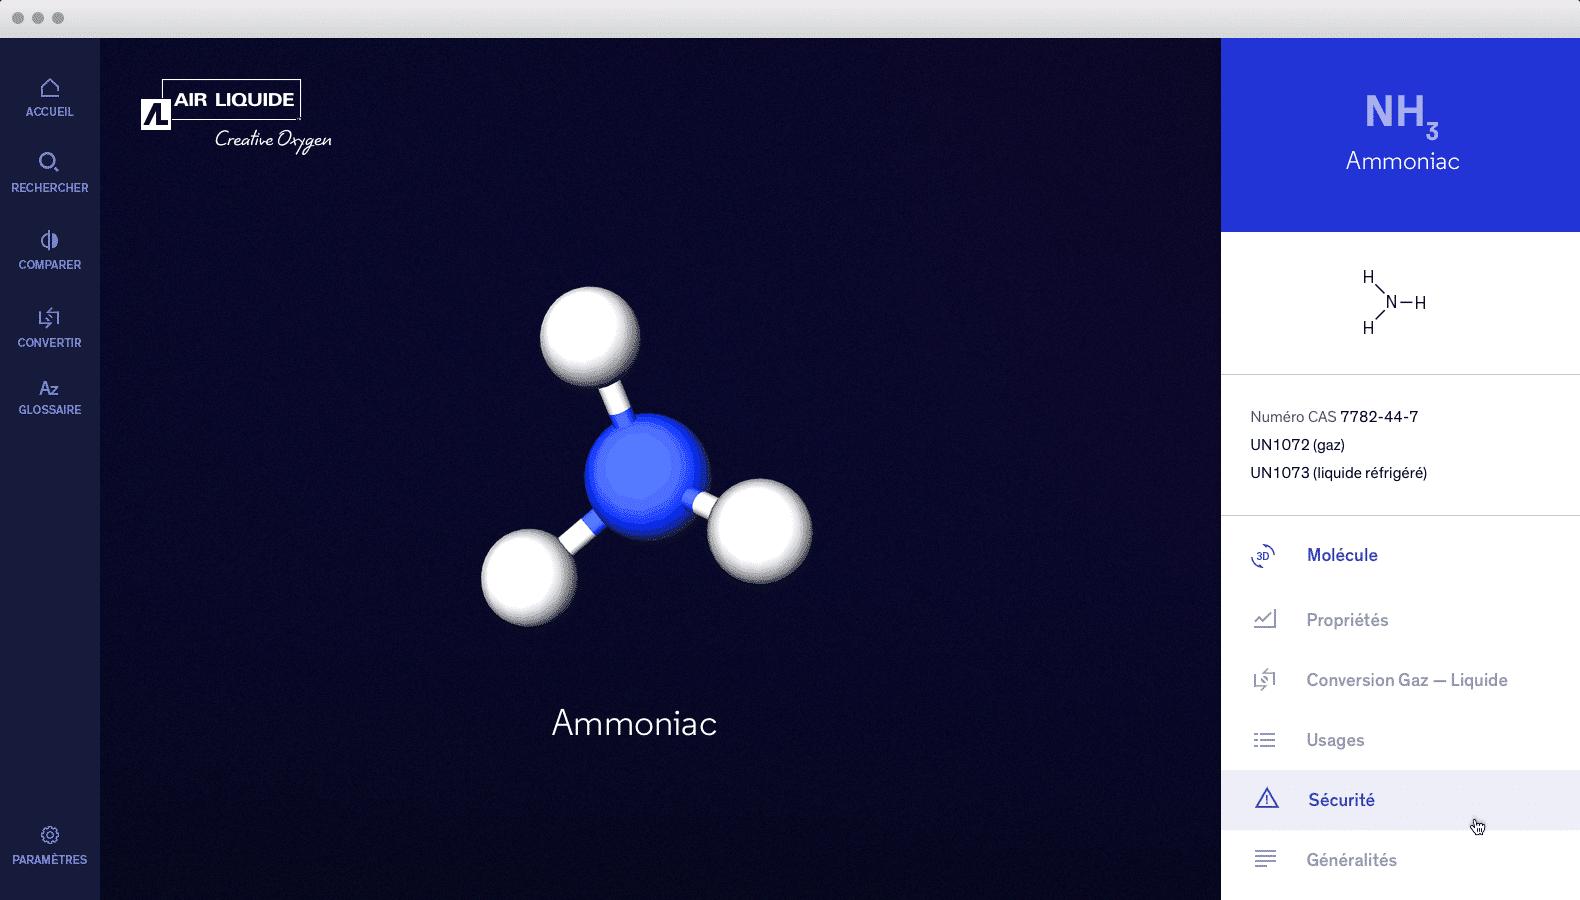 Air Liquide Encyclopédie des Gaz